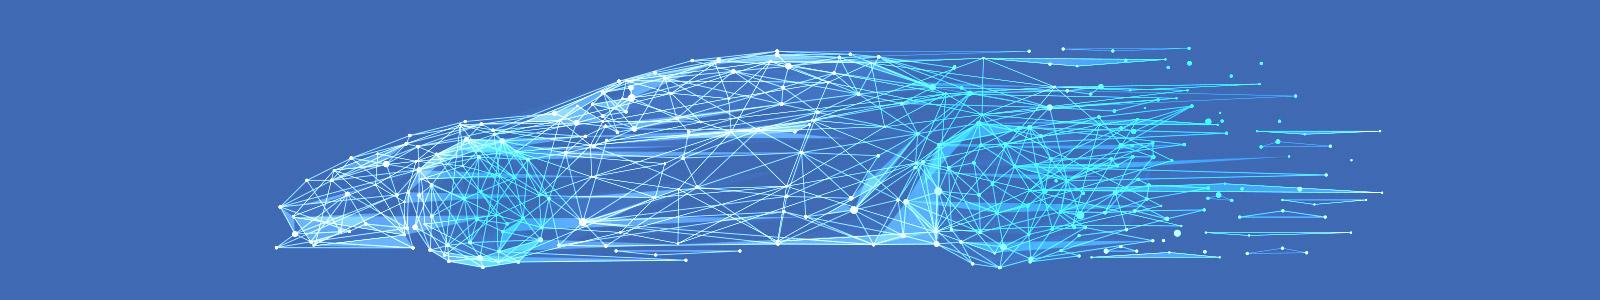 Améliorer la Planification et l'Analyse dans l'industrie Automobile